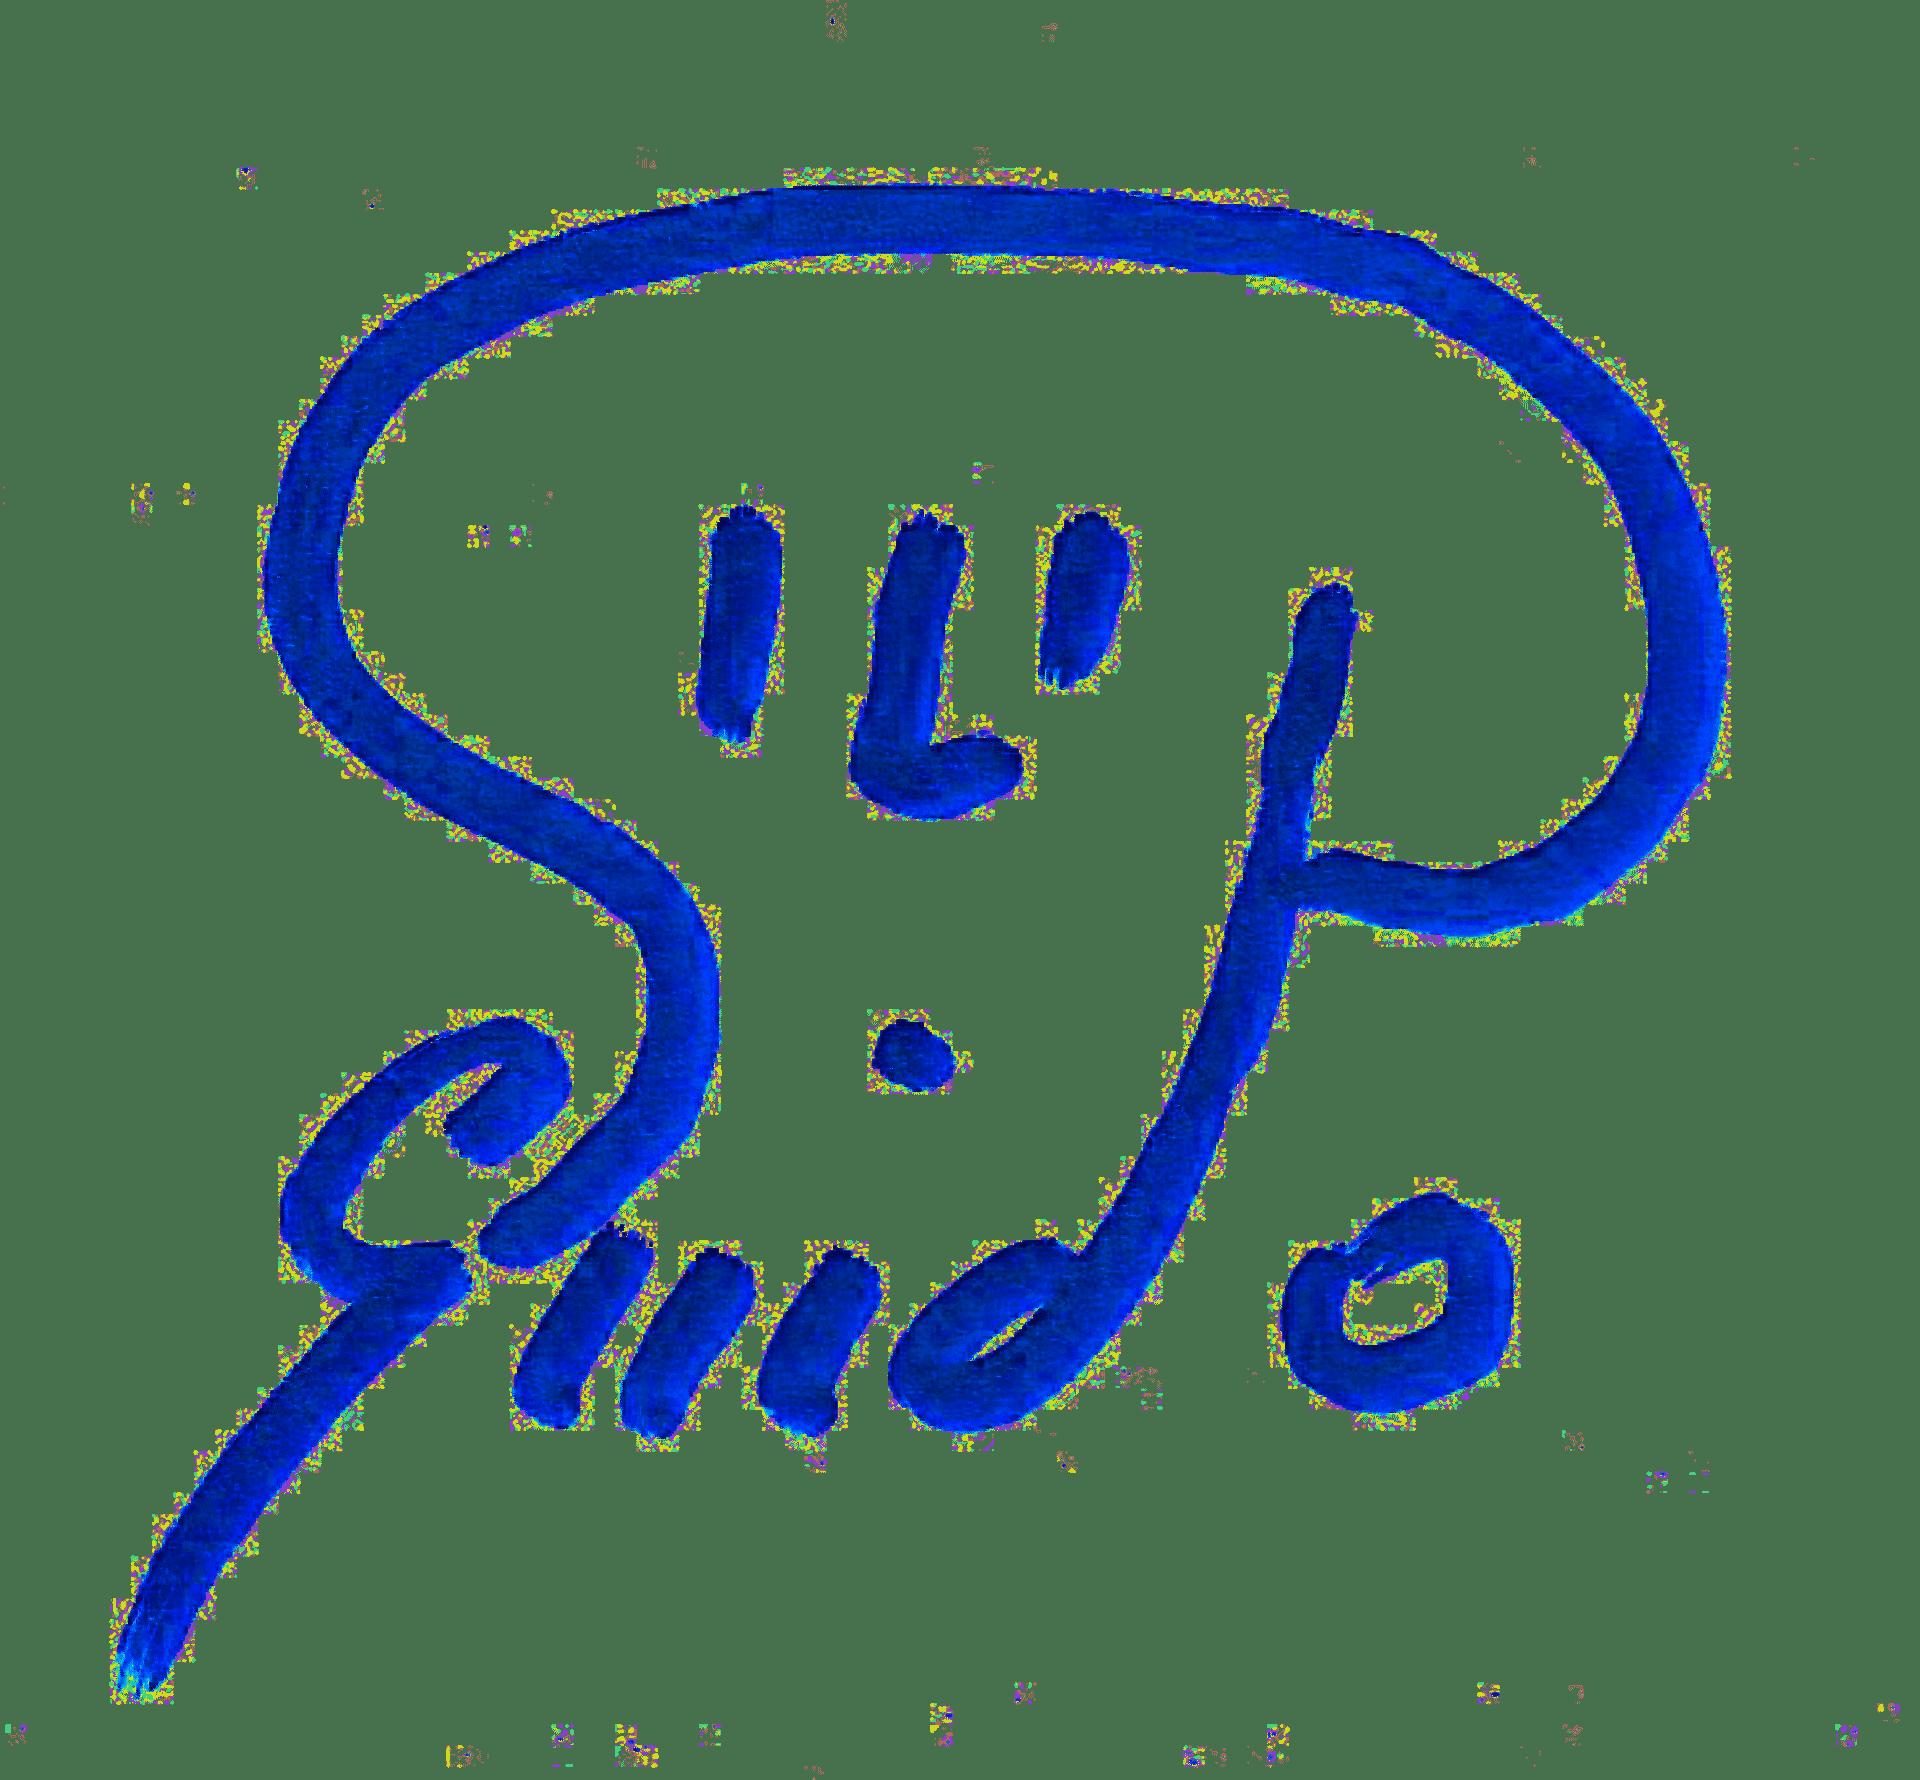 GUIDO SILIPO